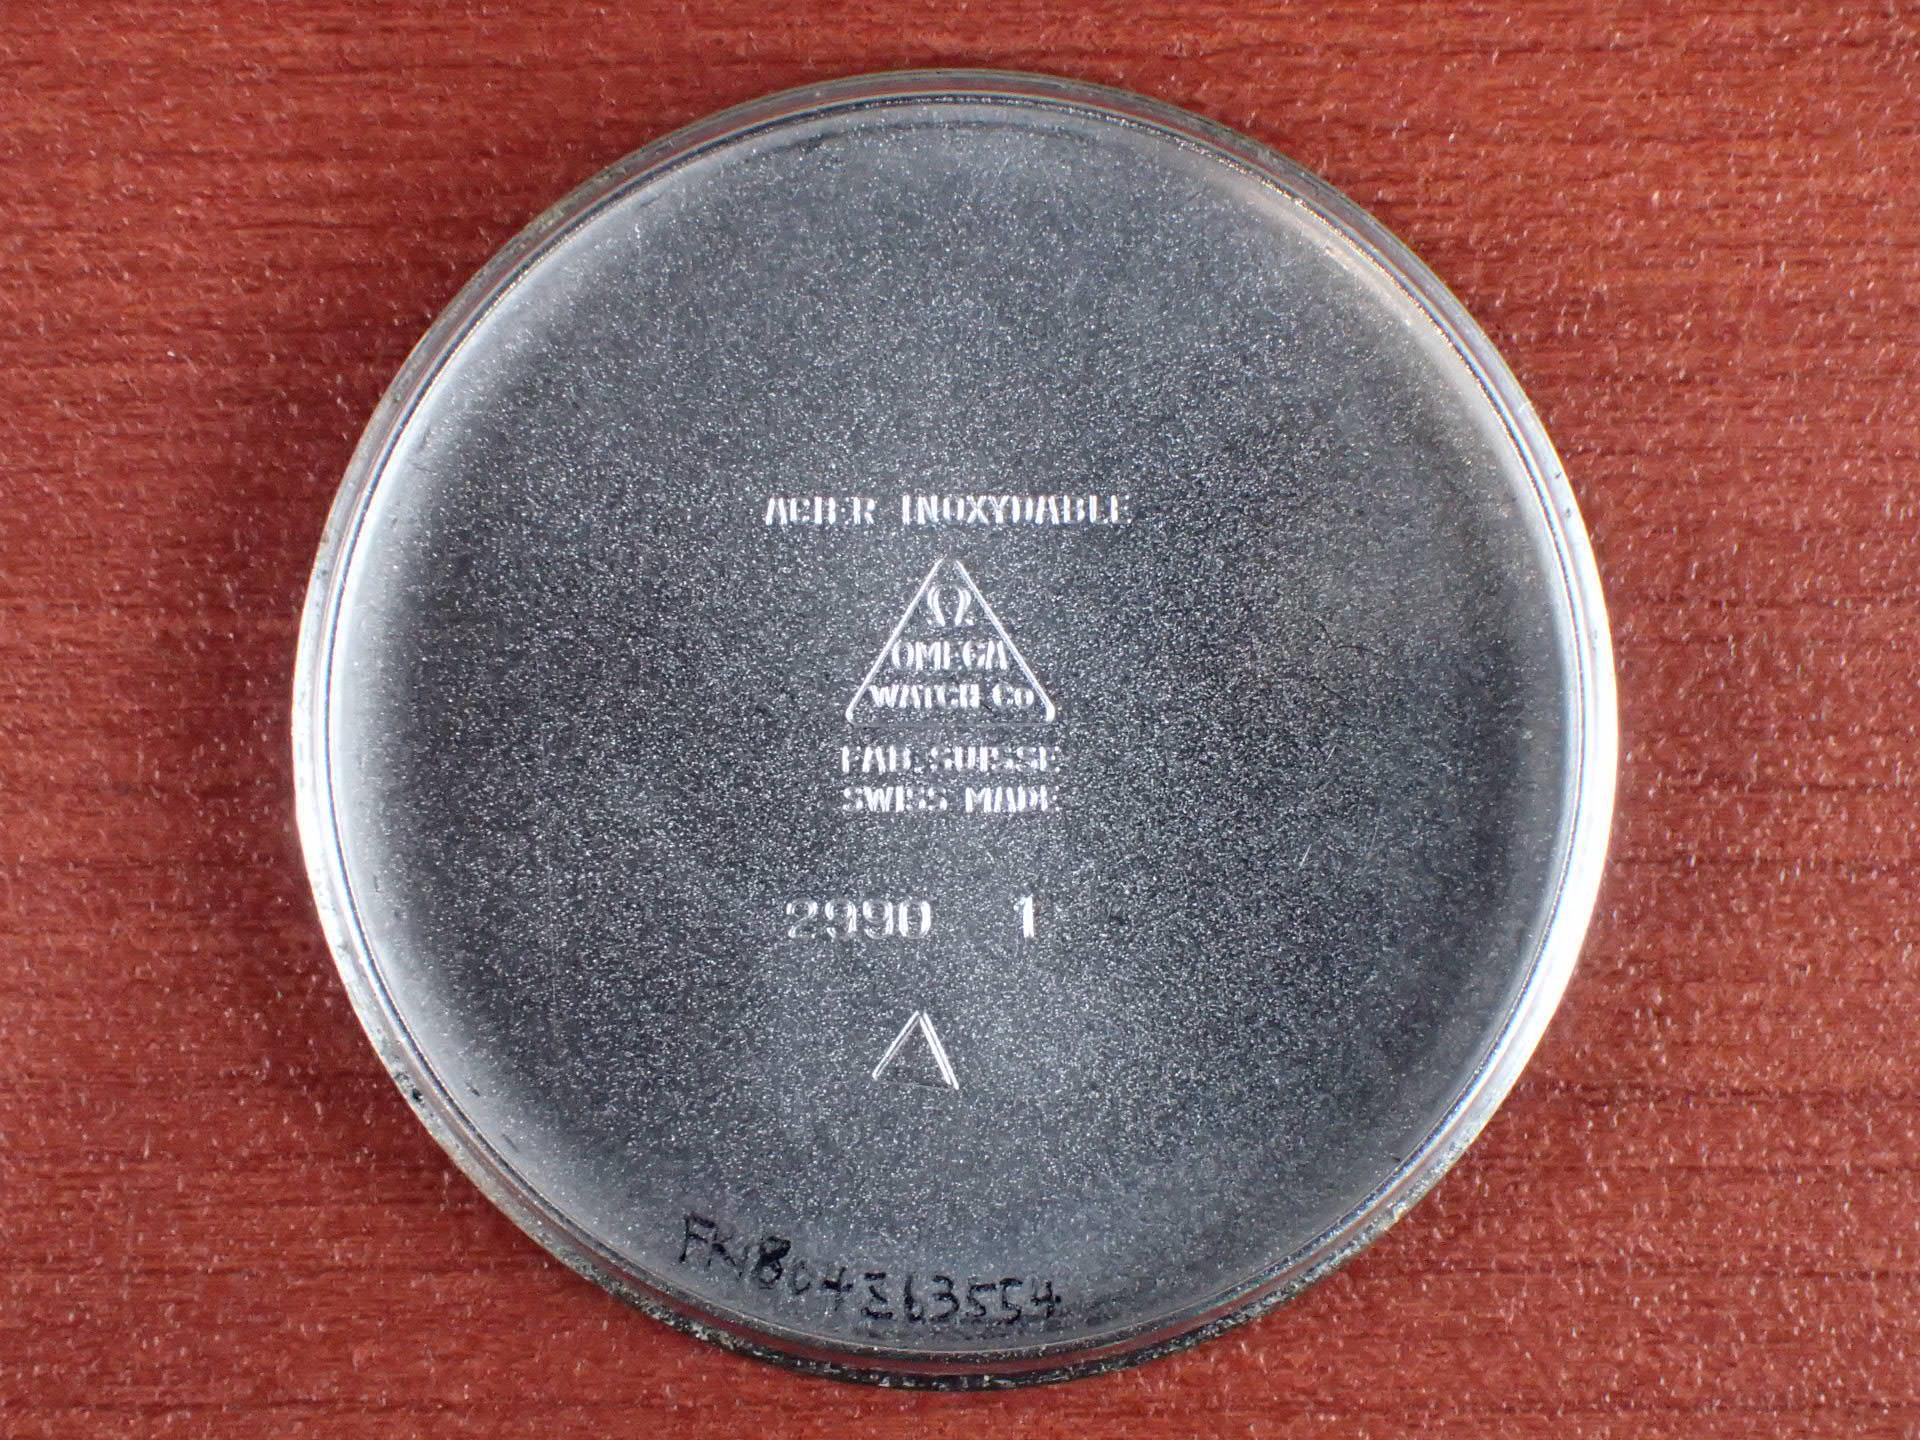 オメガ ランチェロ ブラックダイアル Ref.2990-1 1950年代の写真6枚目